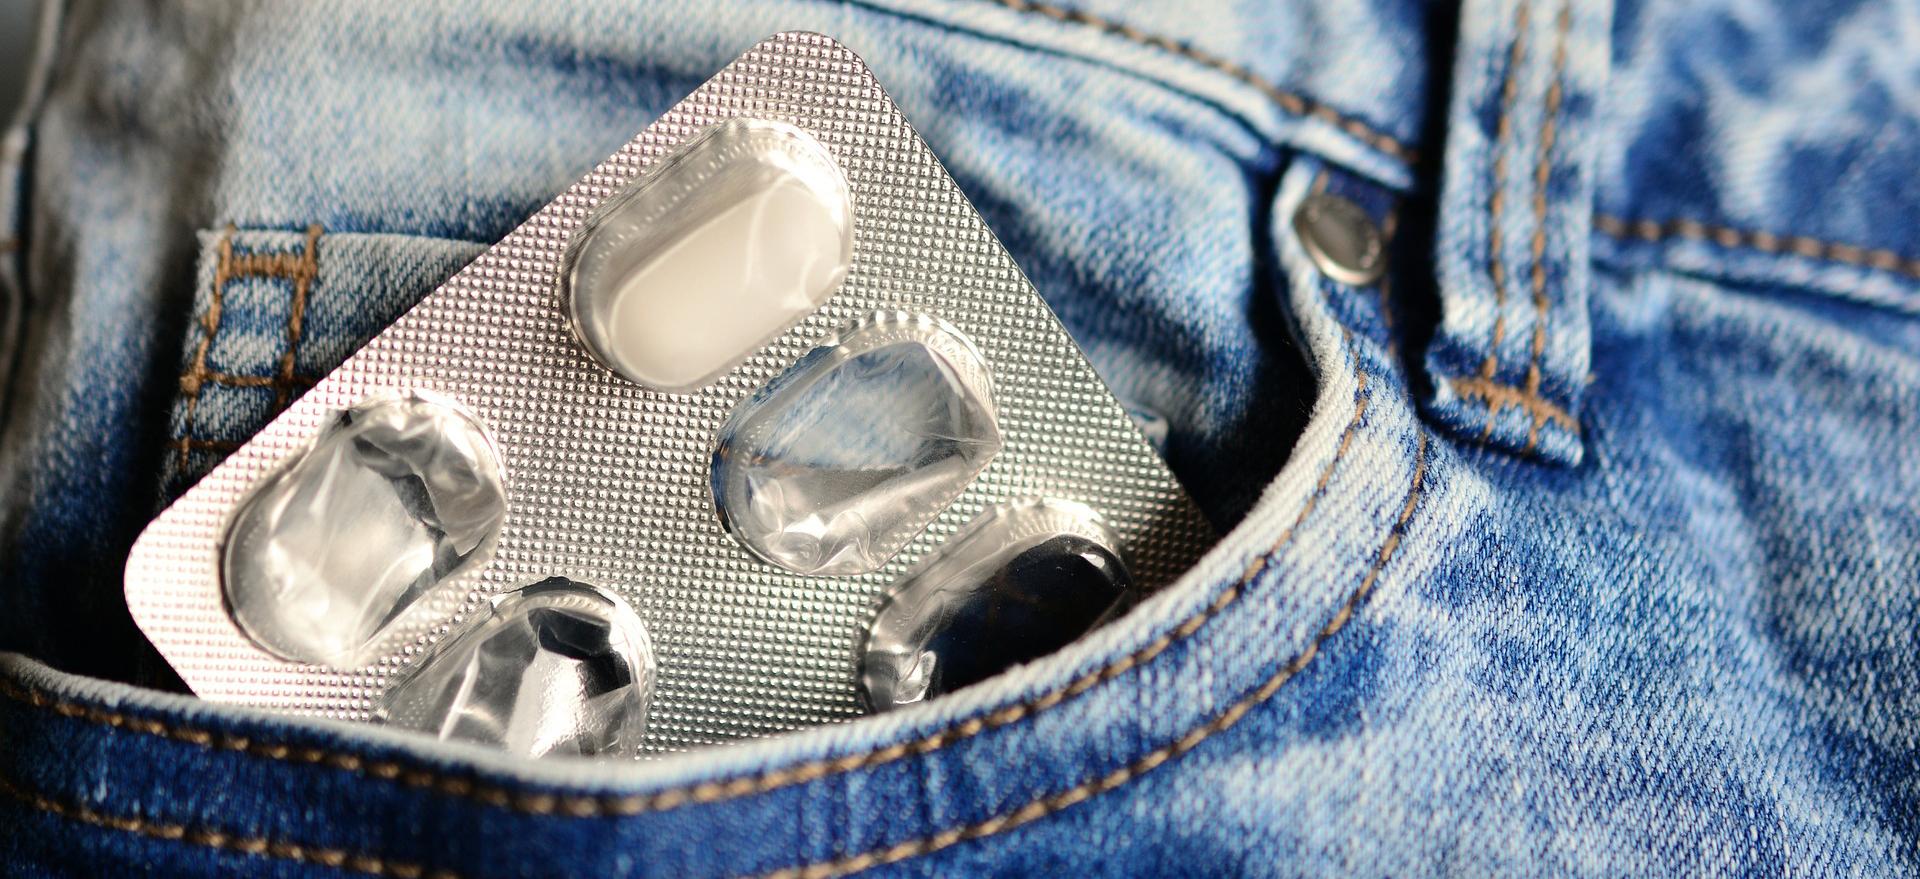 Probiotyk przed wyjazdem | zdrowie w podróży